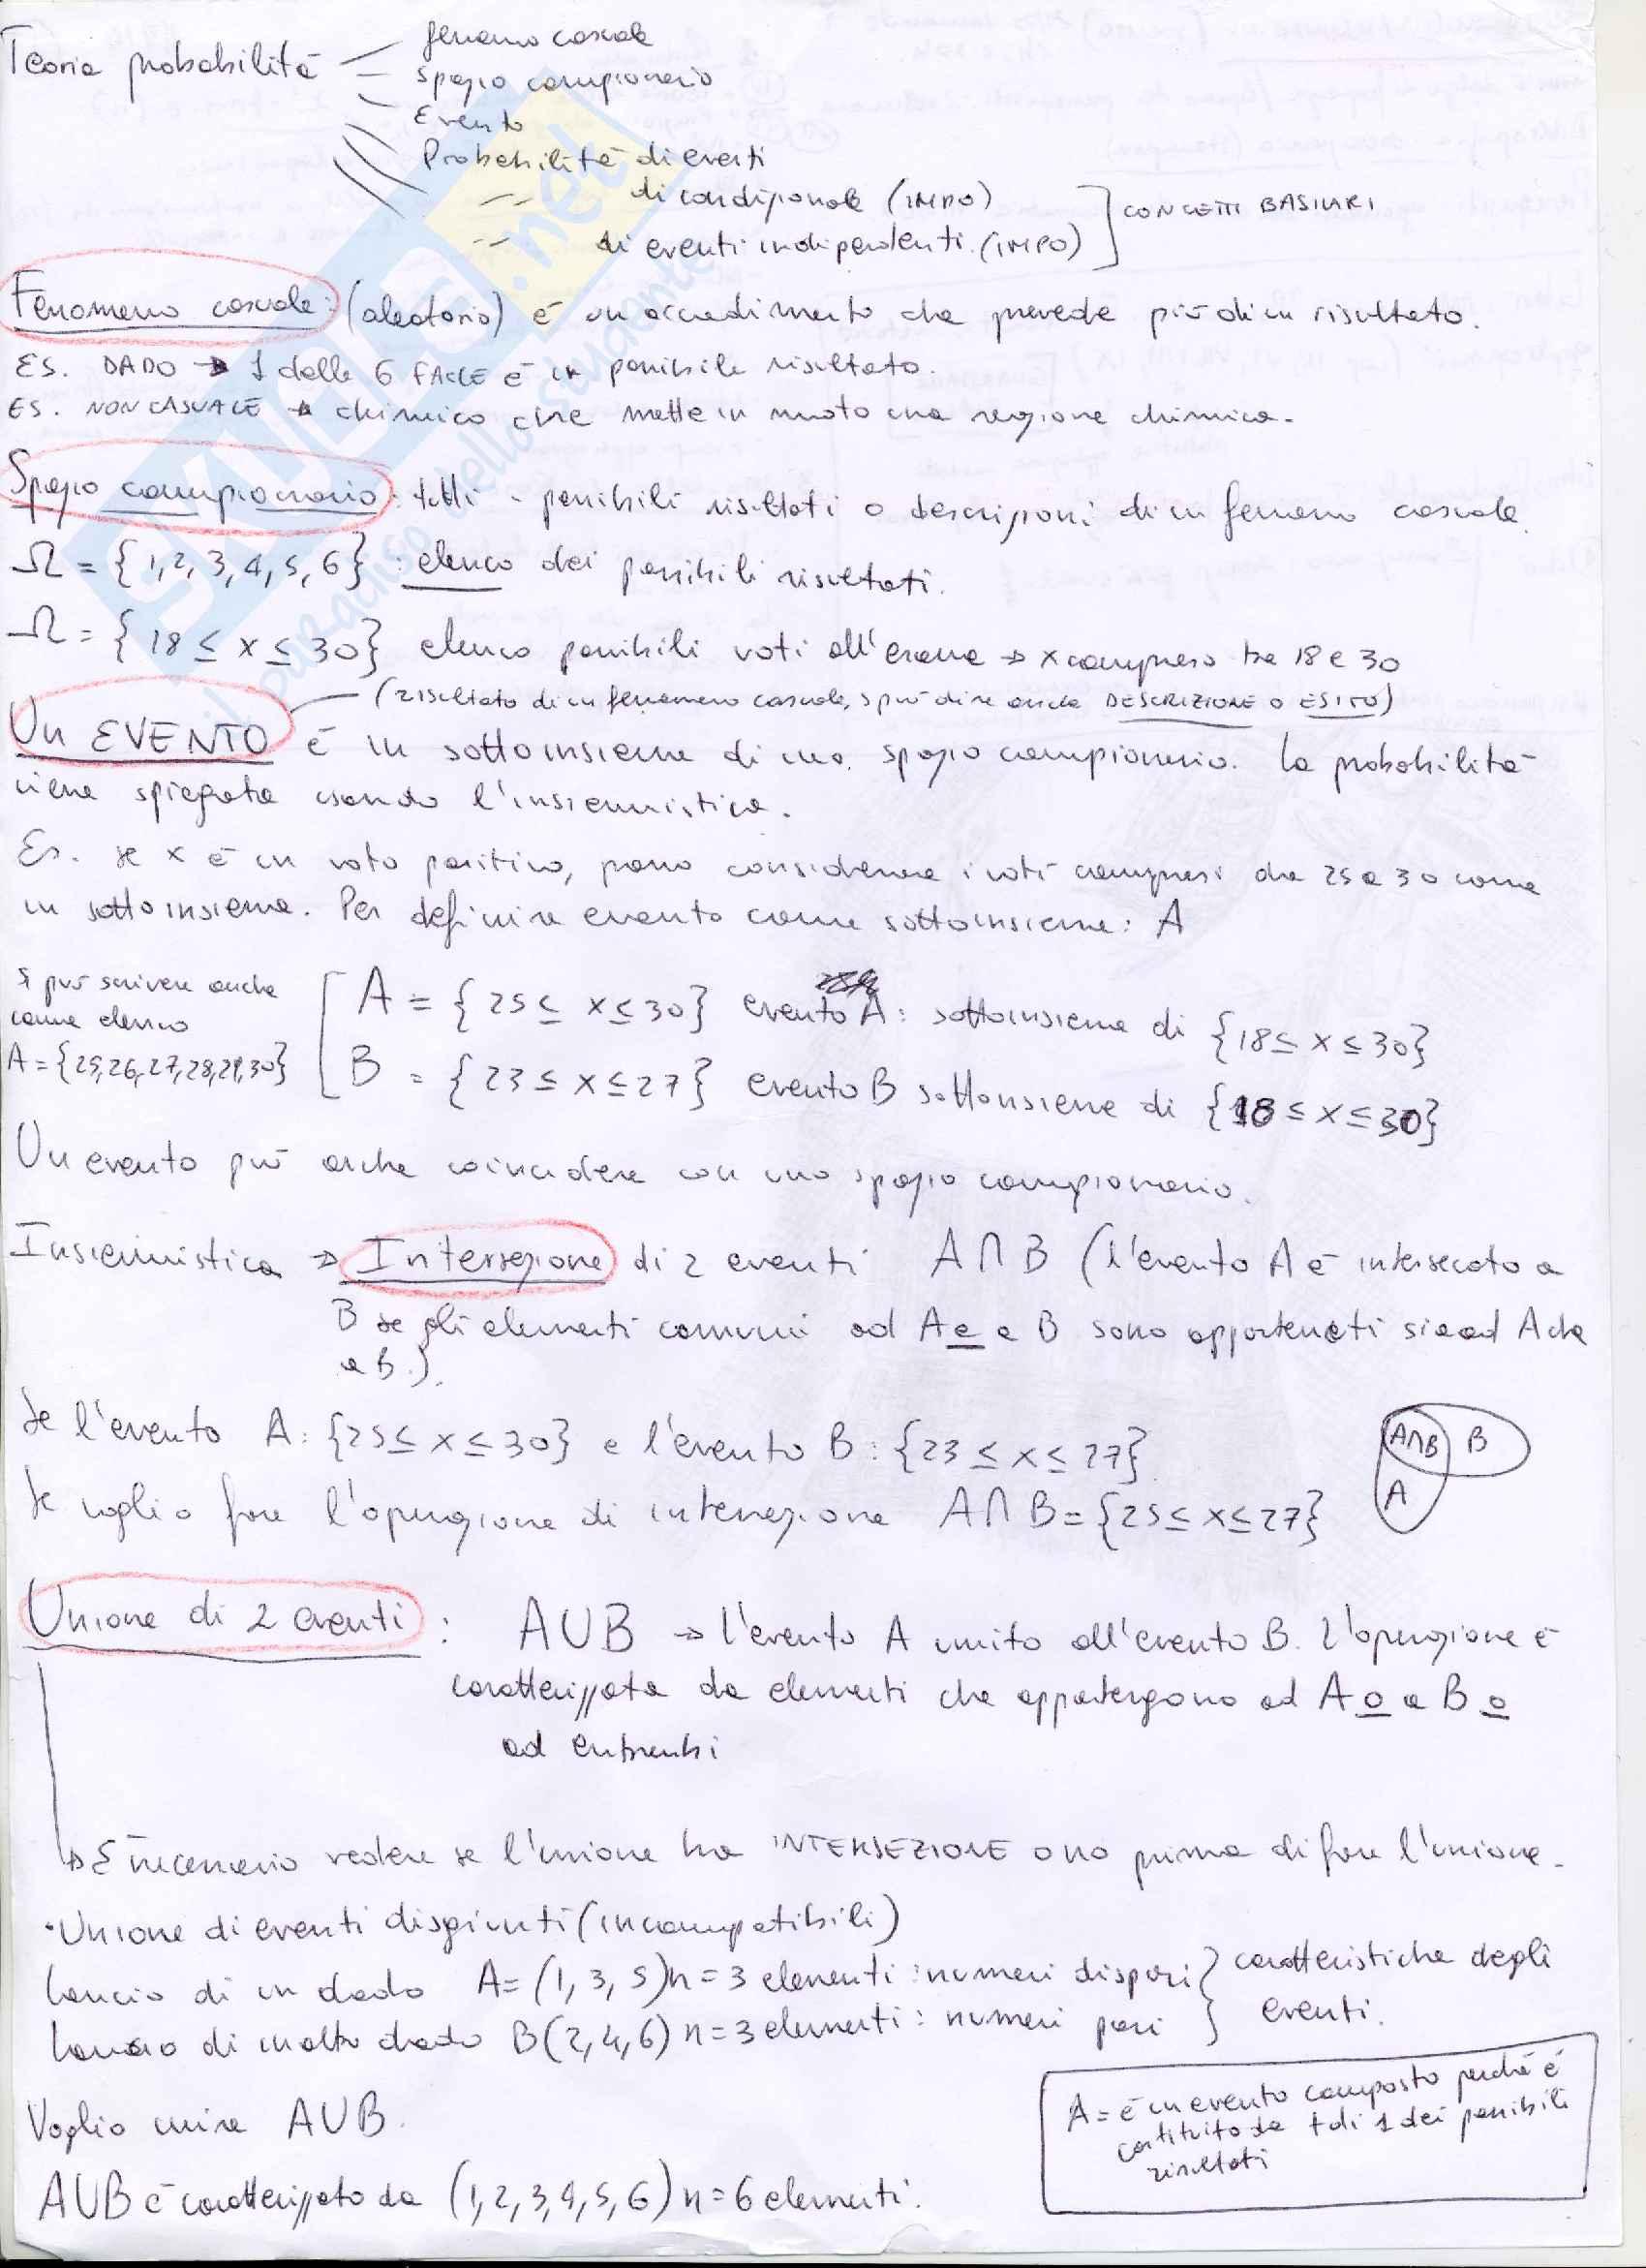 Metodologia della ricerca in ambito clinico, Mannarini, Psicologia, Appunti 129 pagine